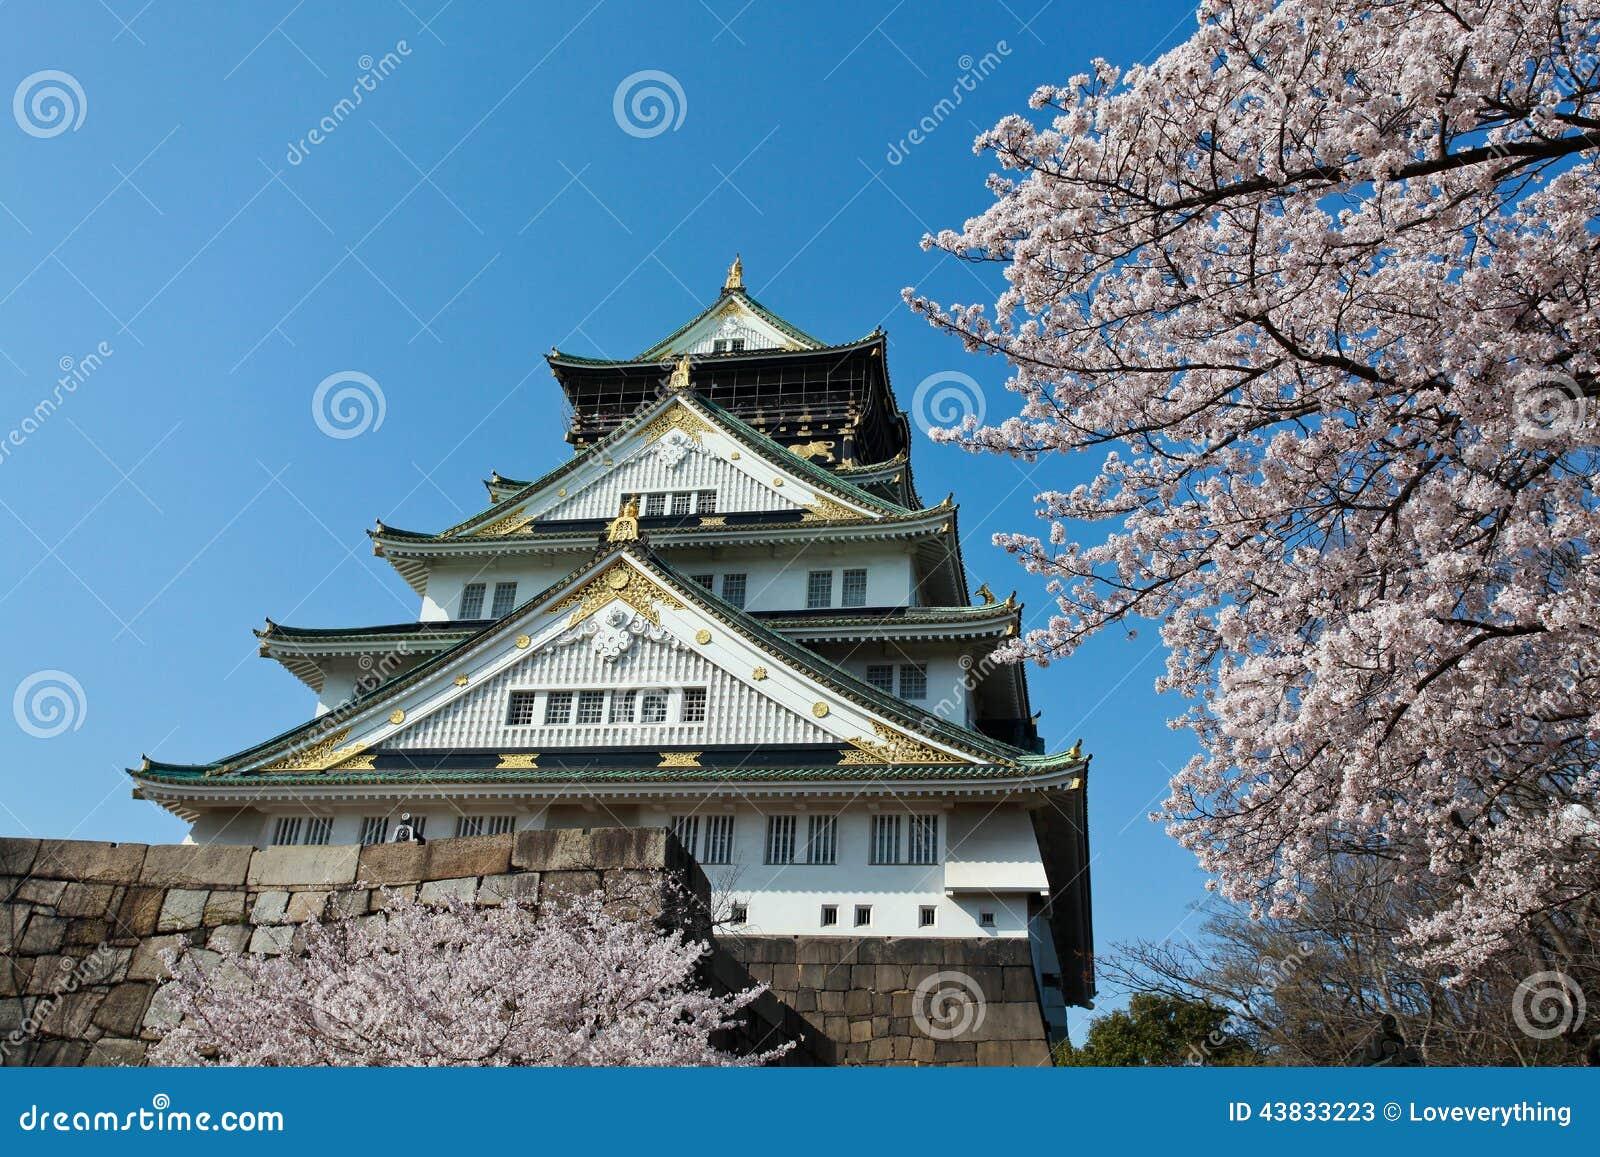 Sakura Blossom At Osaka Castle Stock Photo - Image: 43833223